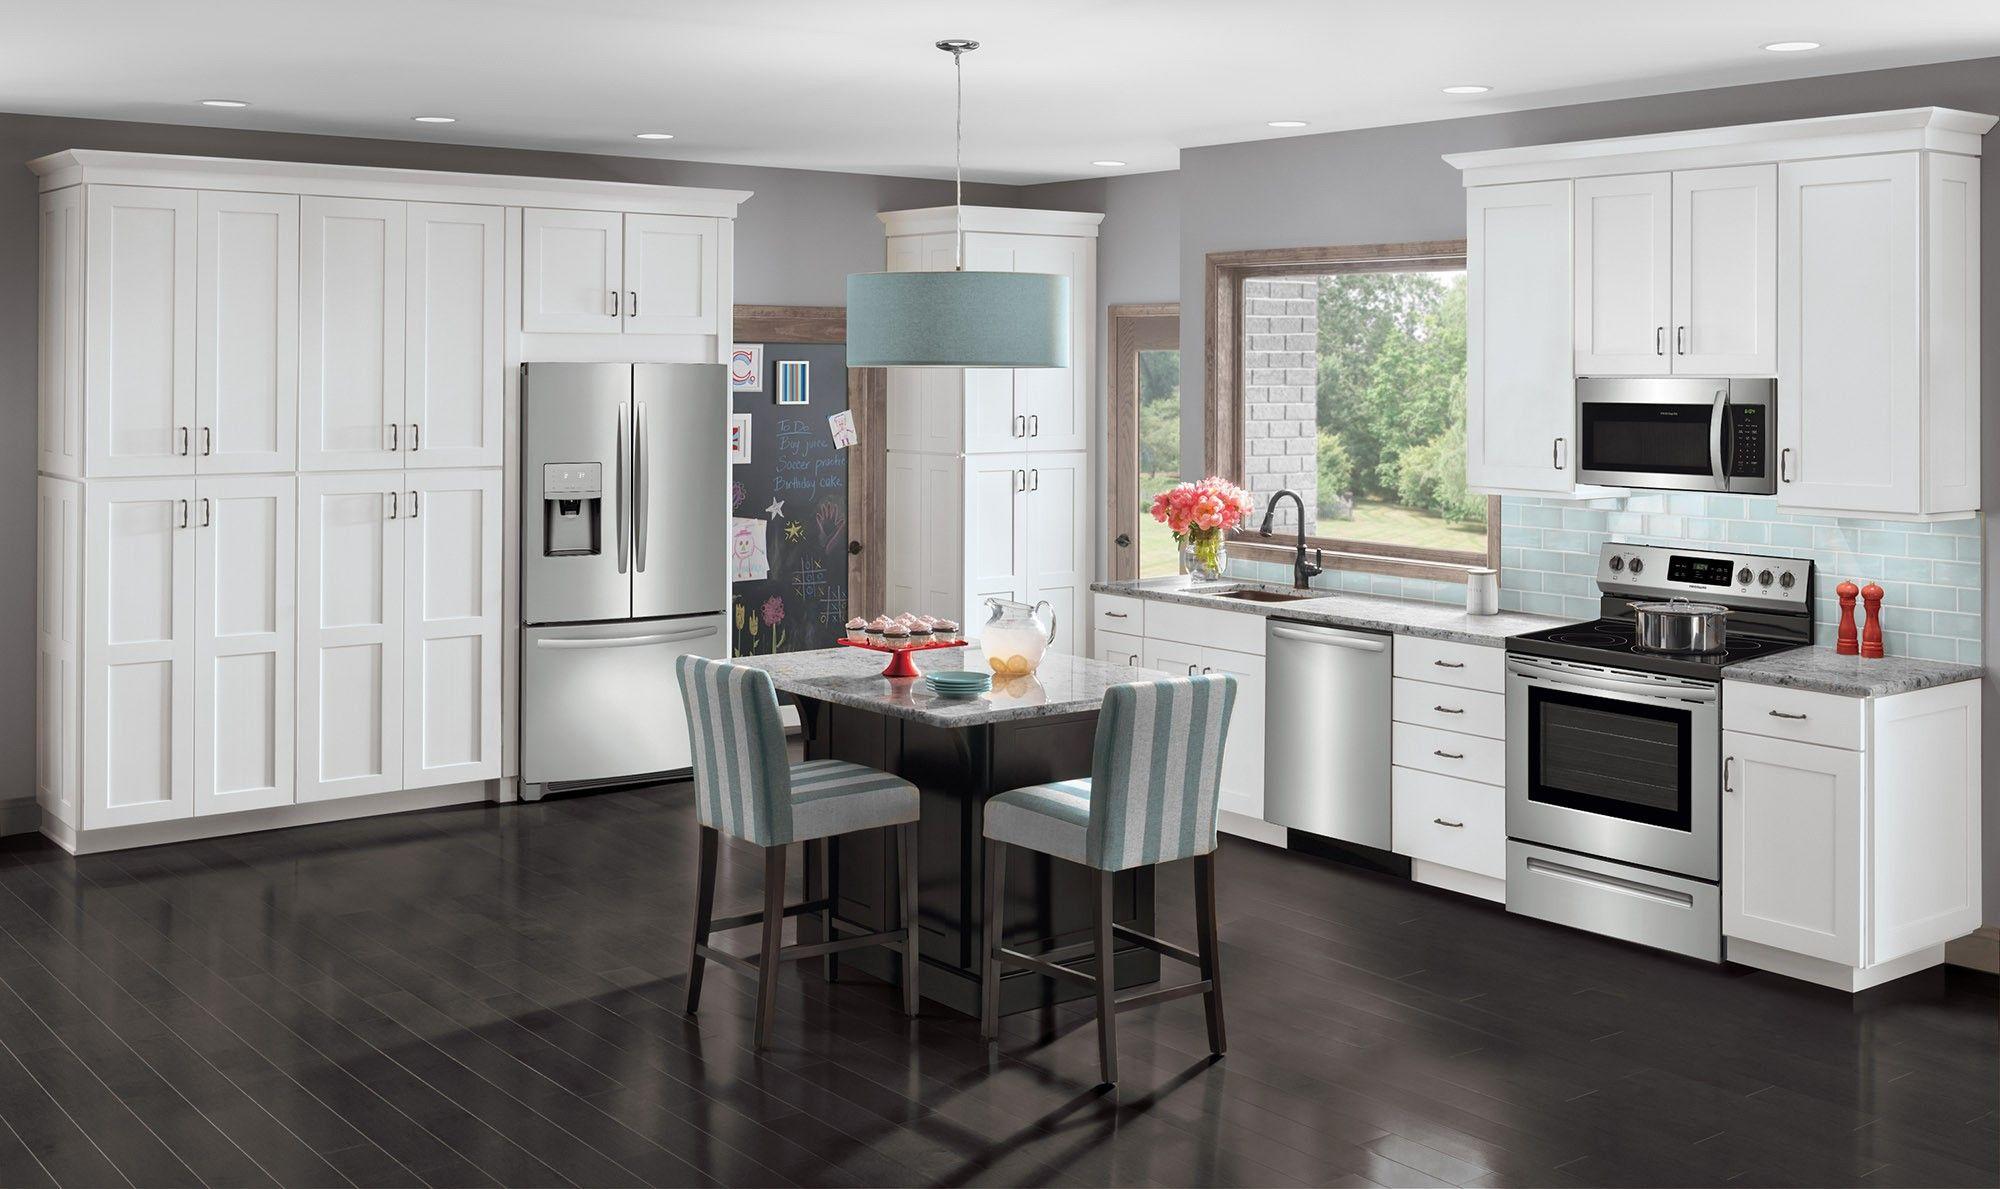 Frigidaire-refrigerator-counter-depth